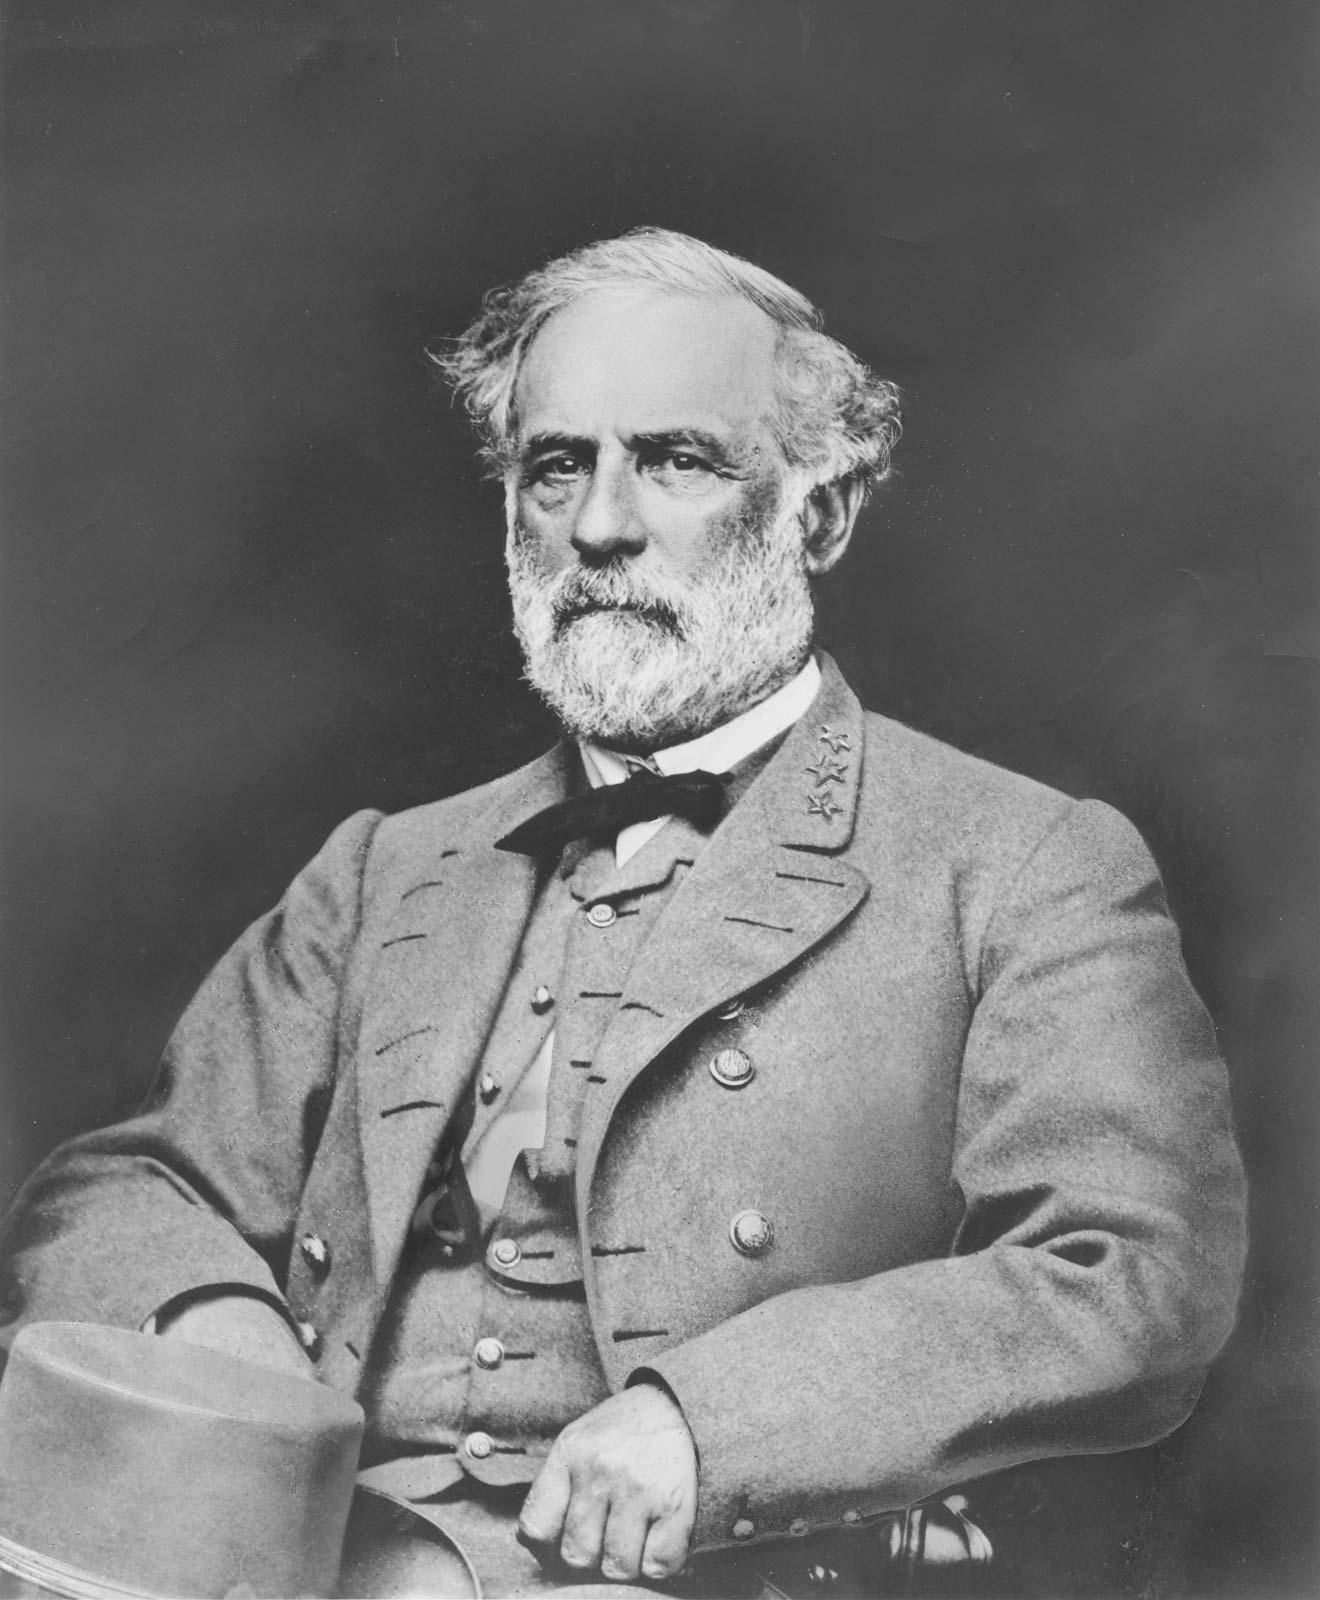 34 Robert E Lee in 1865